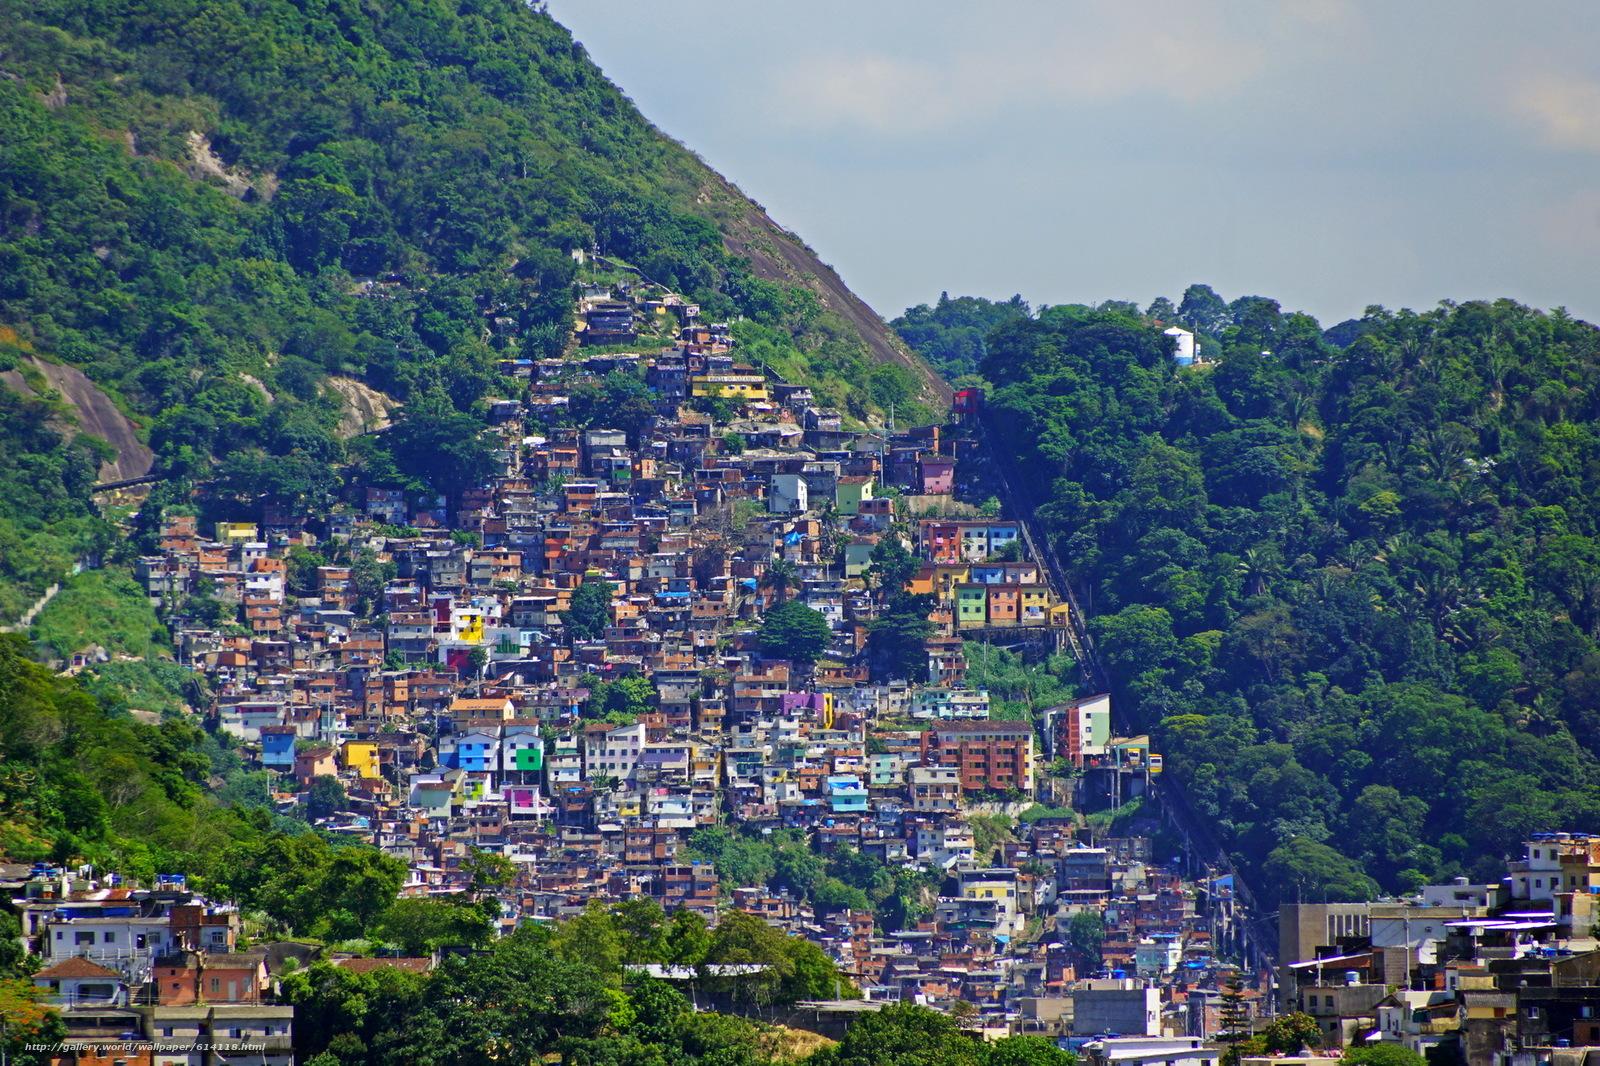 Бразилия, дома, горы, Рио-де-Жанейро, город, фото